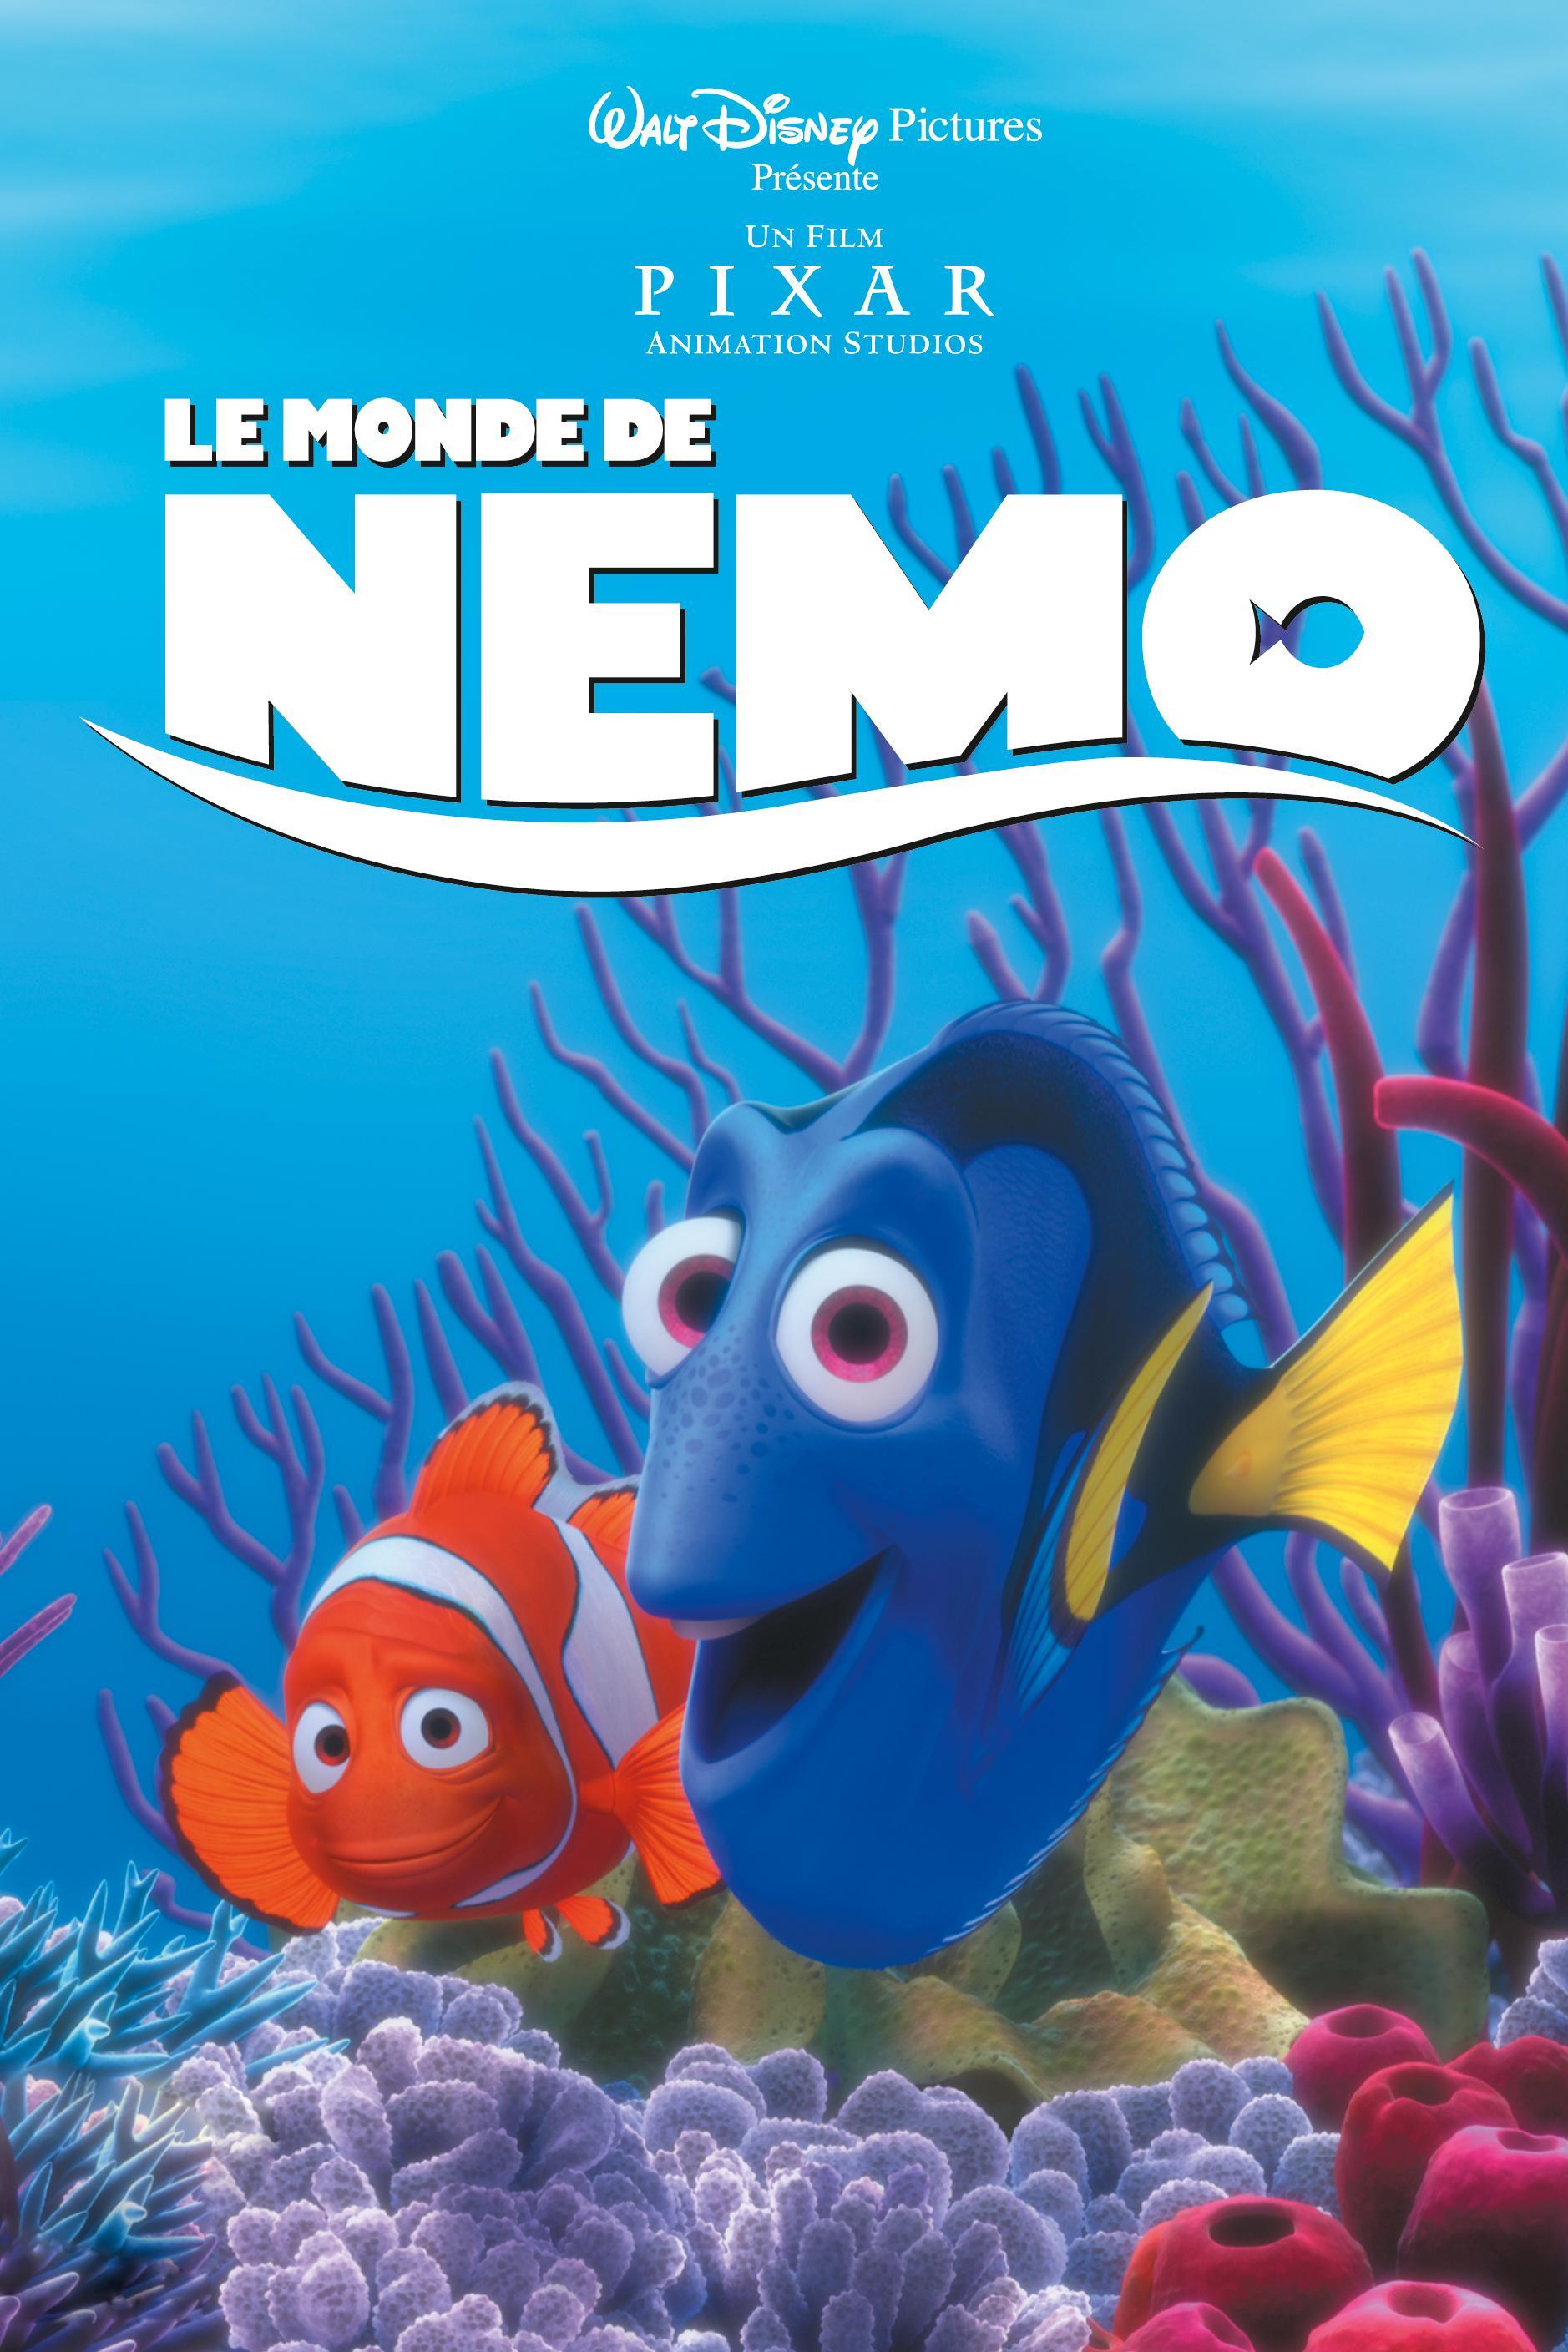 affiche le monde de nemo finding poster pixar disney